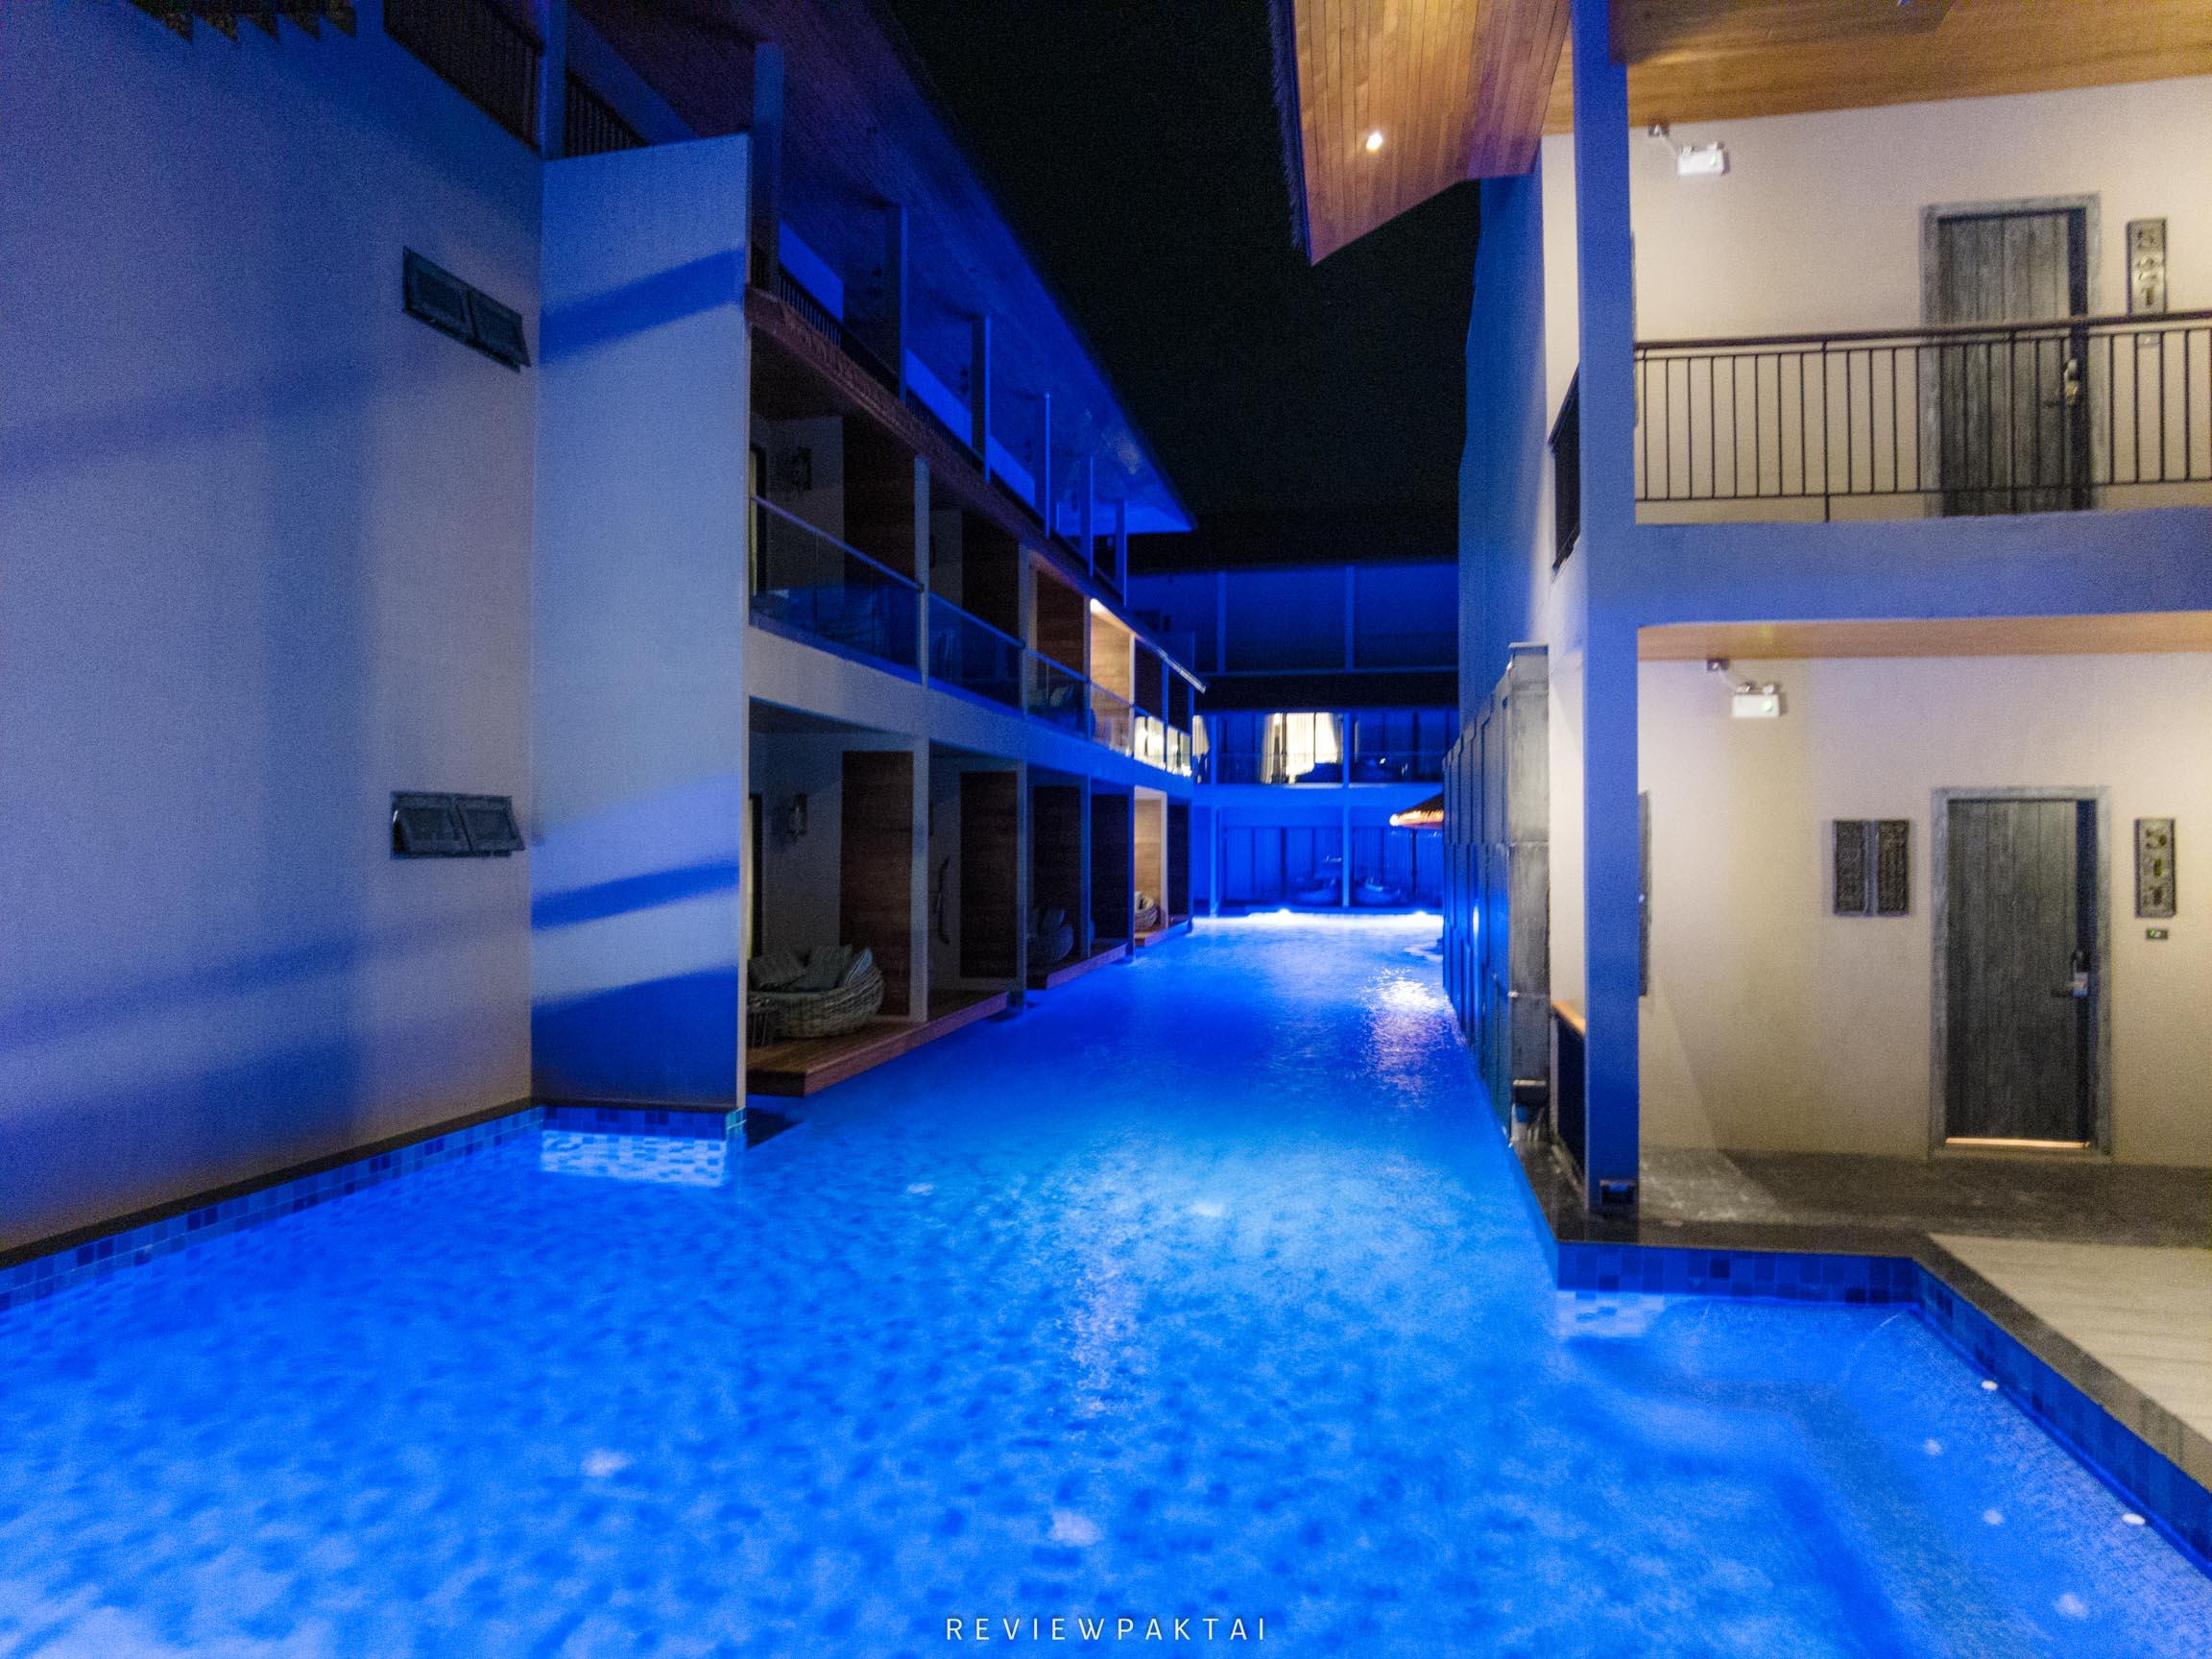 บรรยากาศยามค่ำคืนฟินๆ ที่พักหลีเป๊ะ,ที่พักสตูล,ที่พักติดทะเล,เกาะหลีเป๊ะ,ananya,resort,lipe